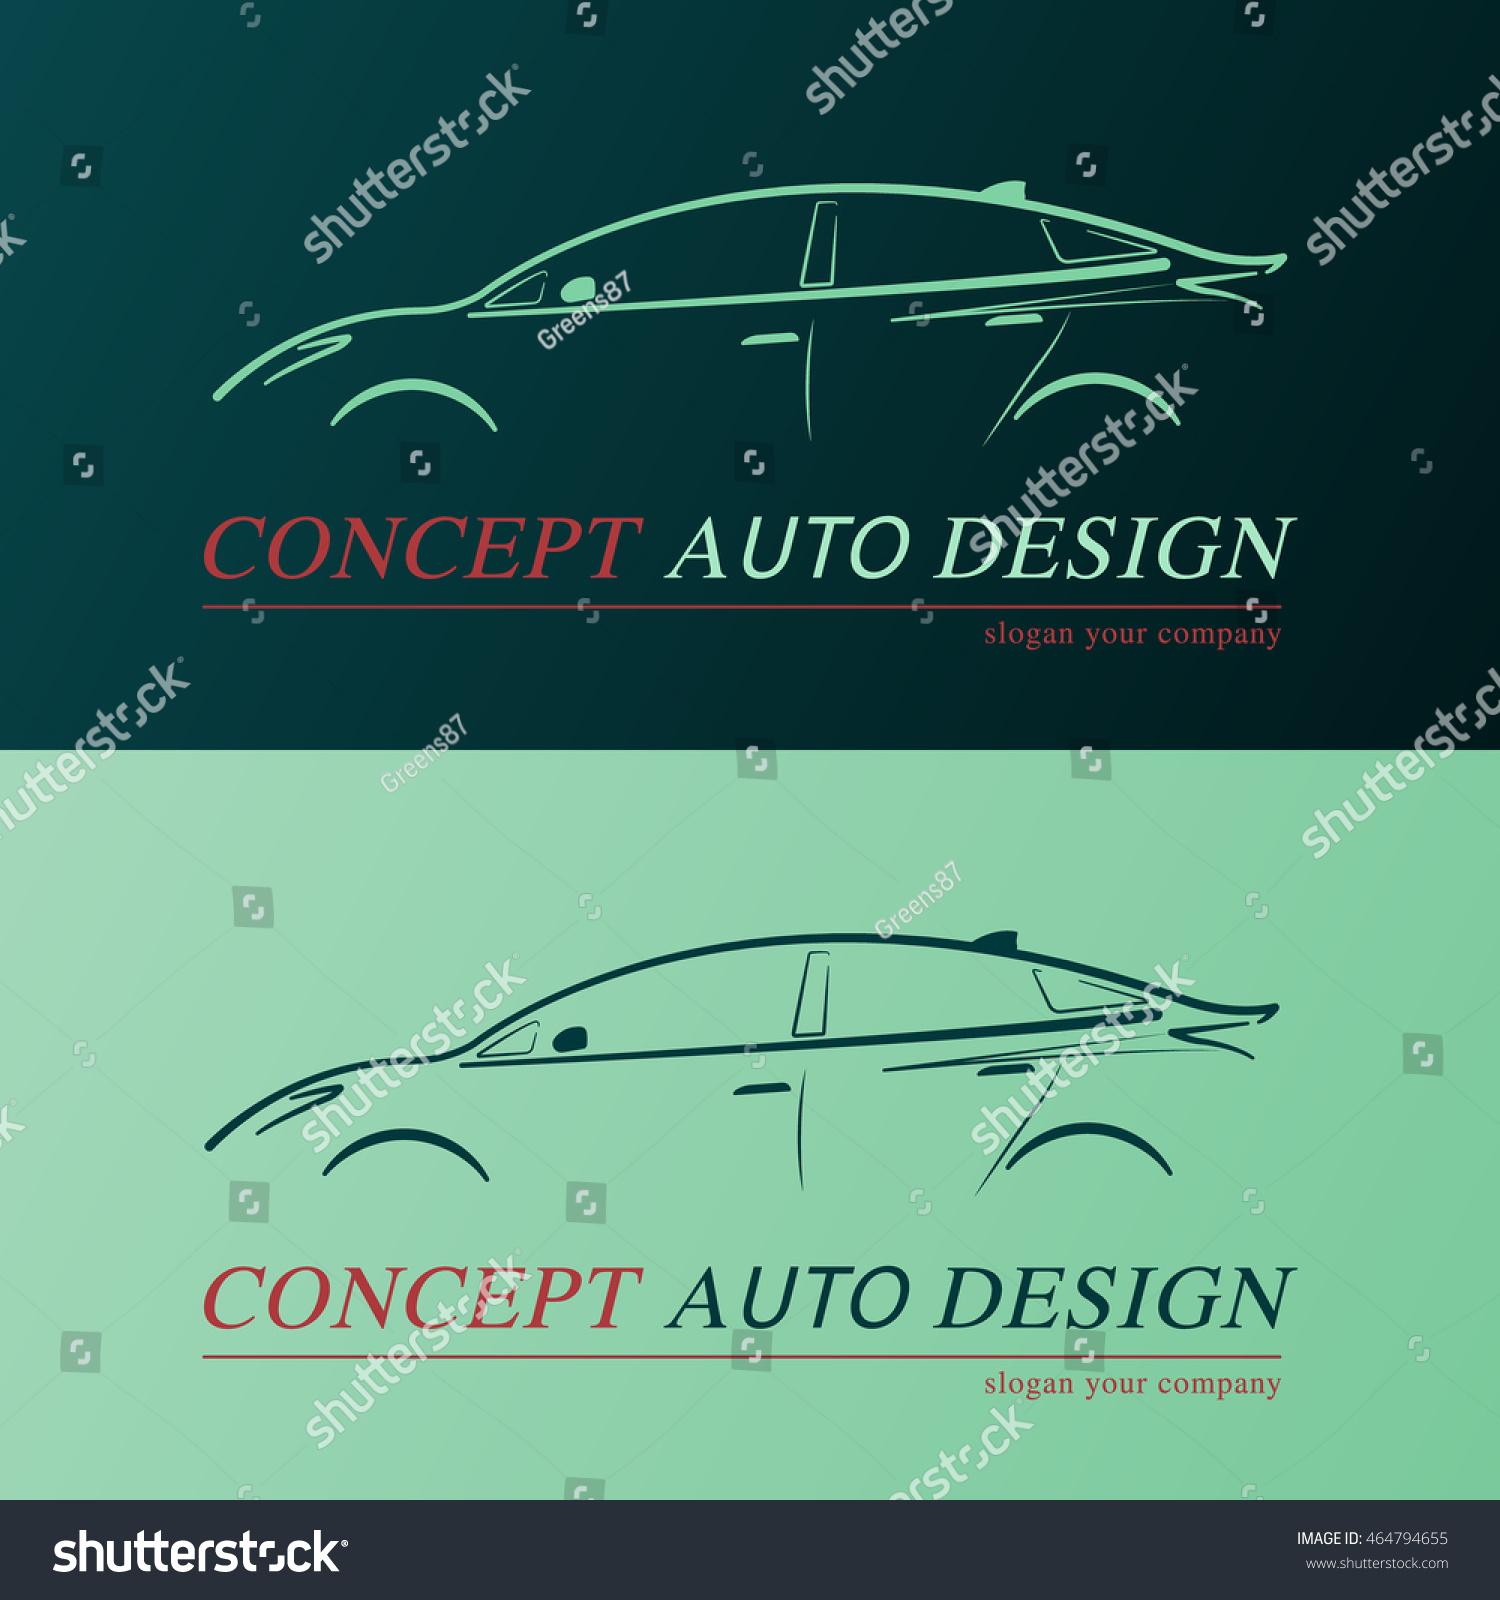 Concept Auto Design Card Business Card Stock Vector